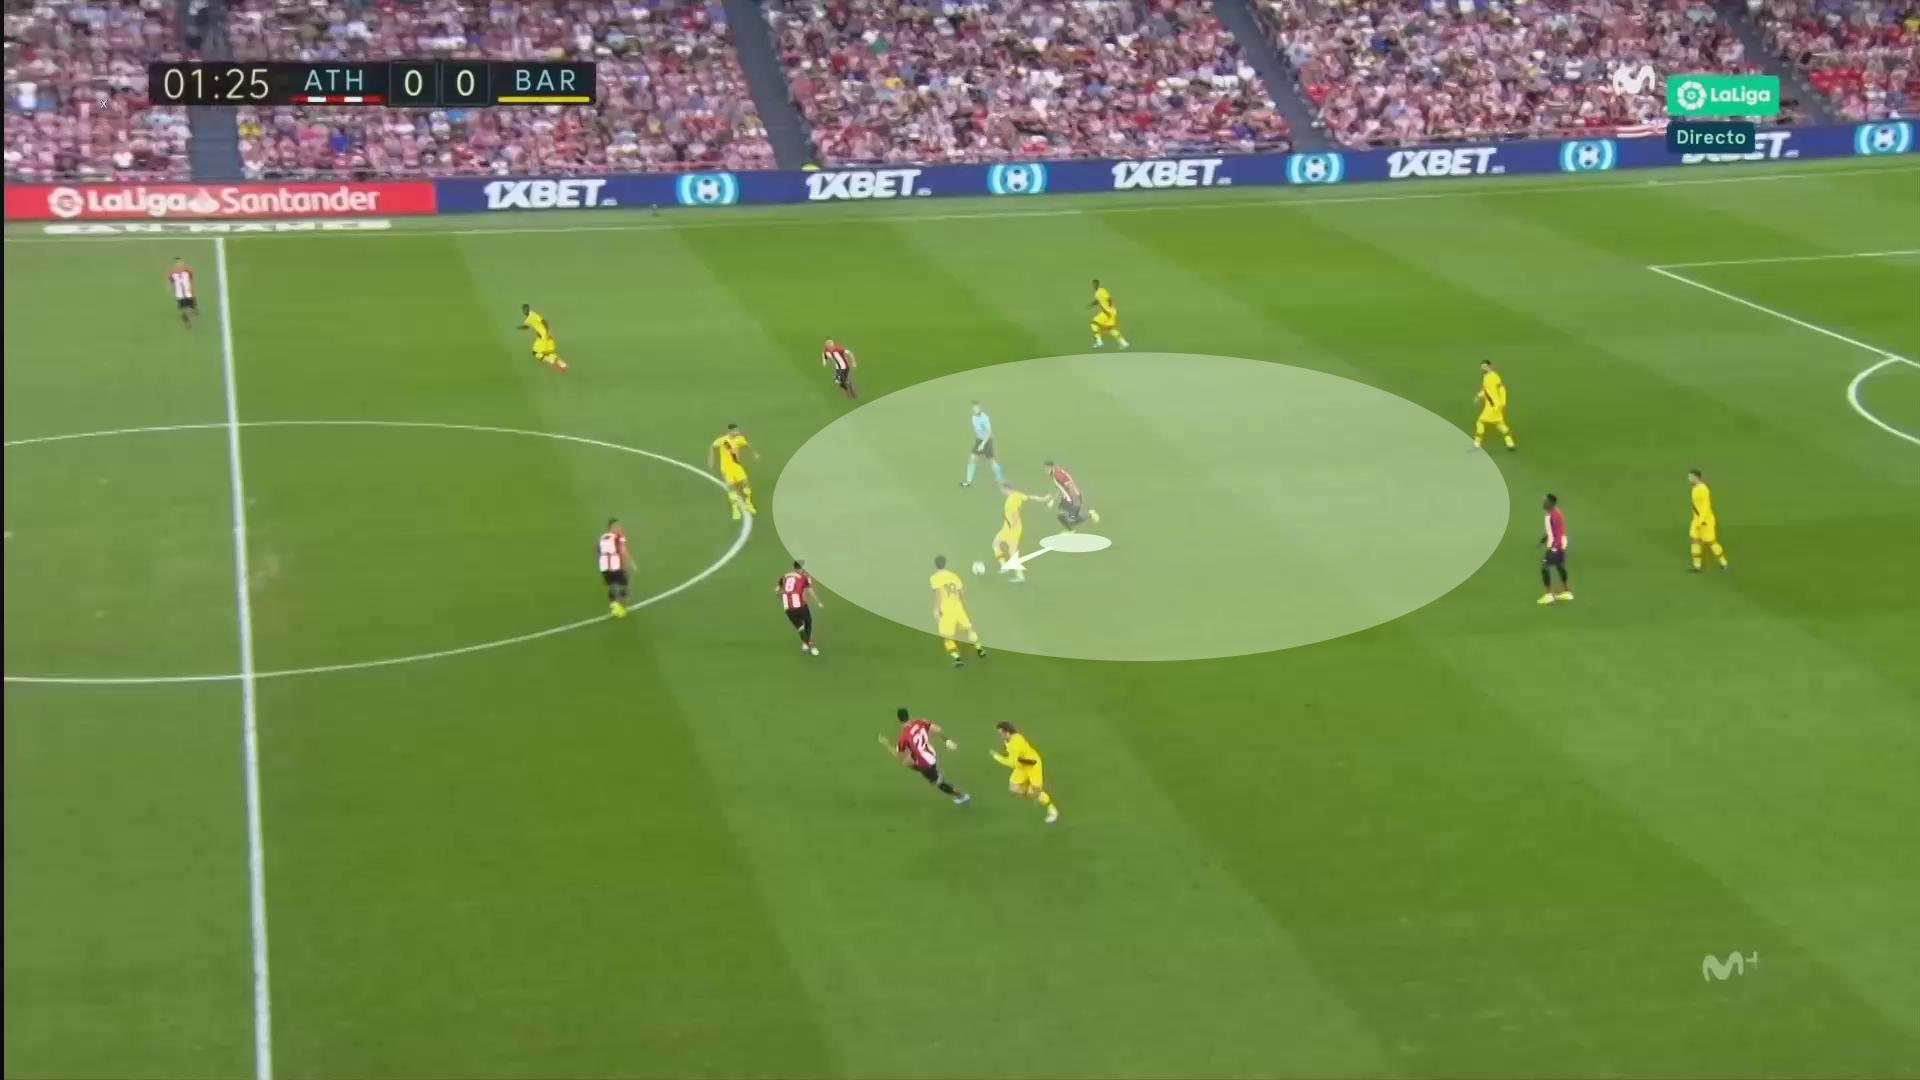 Raul Garcia 2019/20 - scout report - tactical analysis tactics